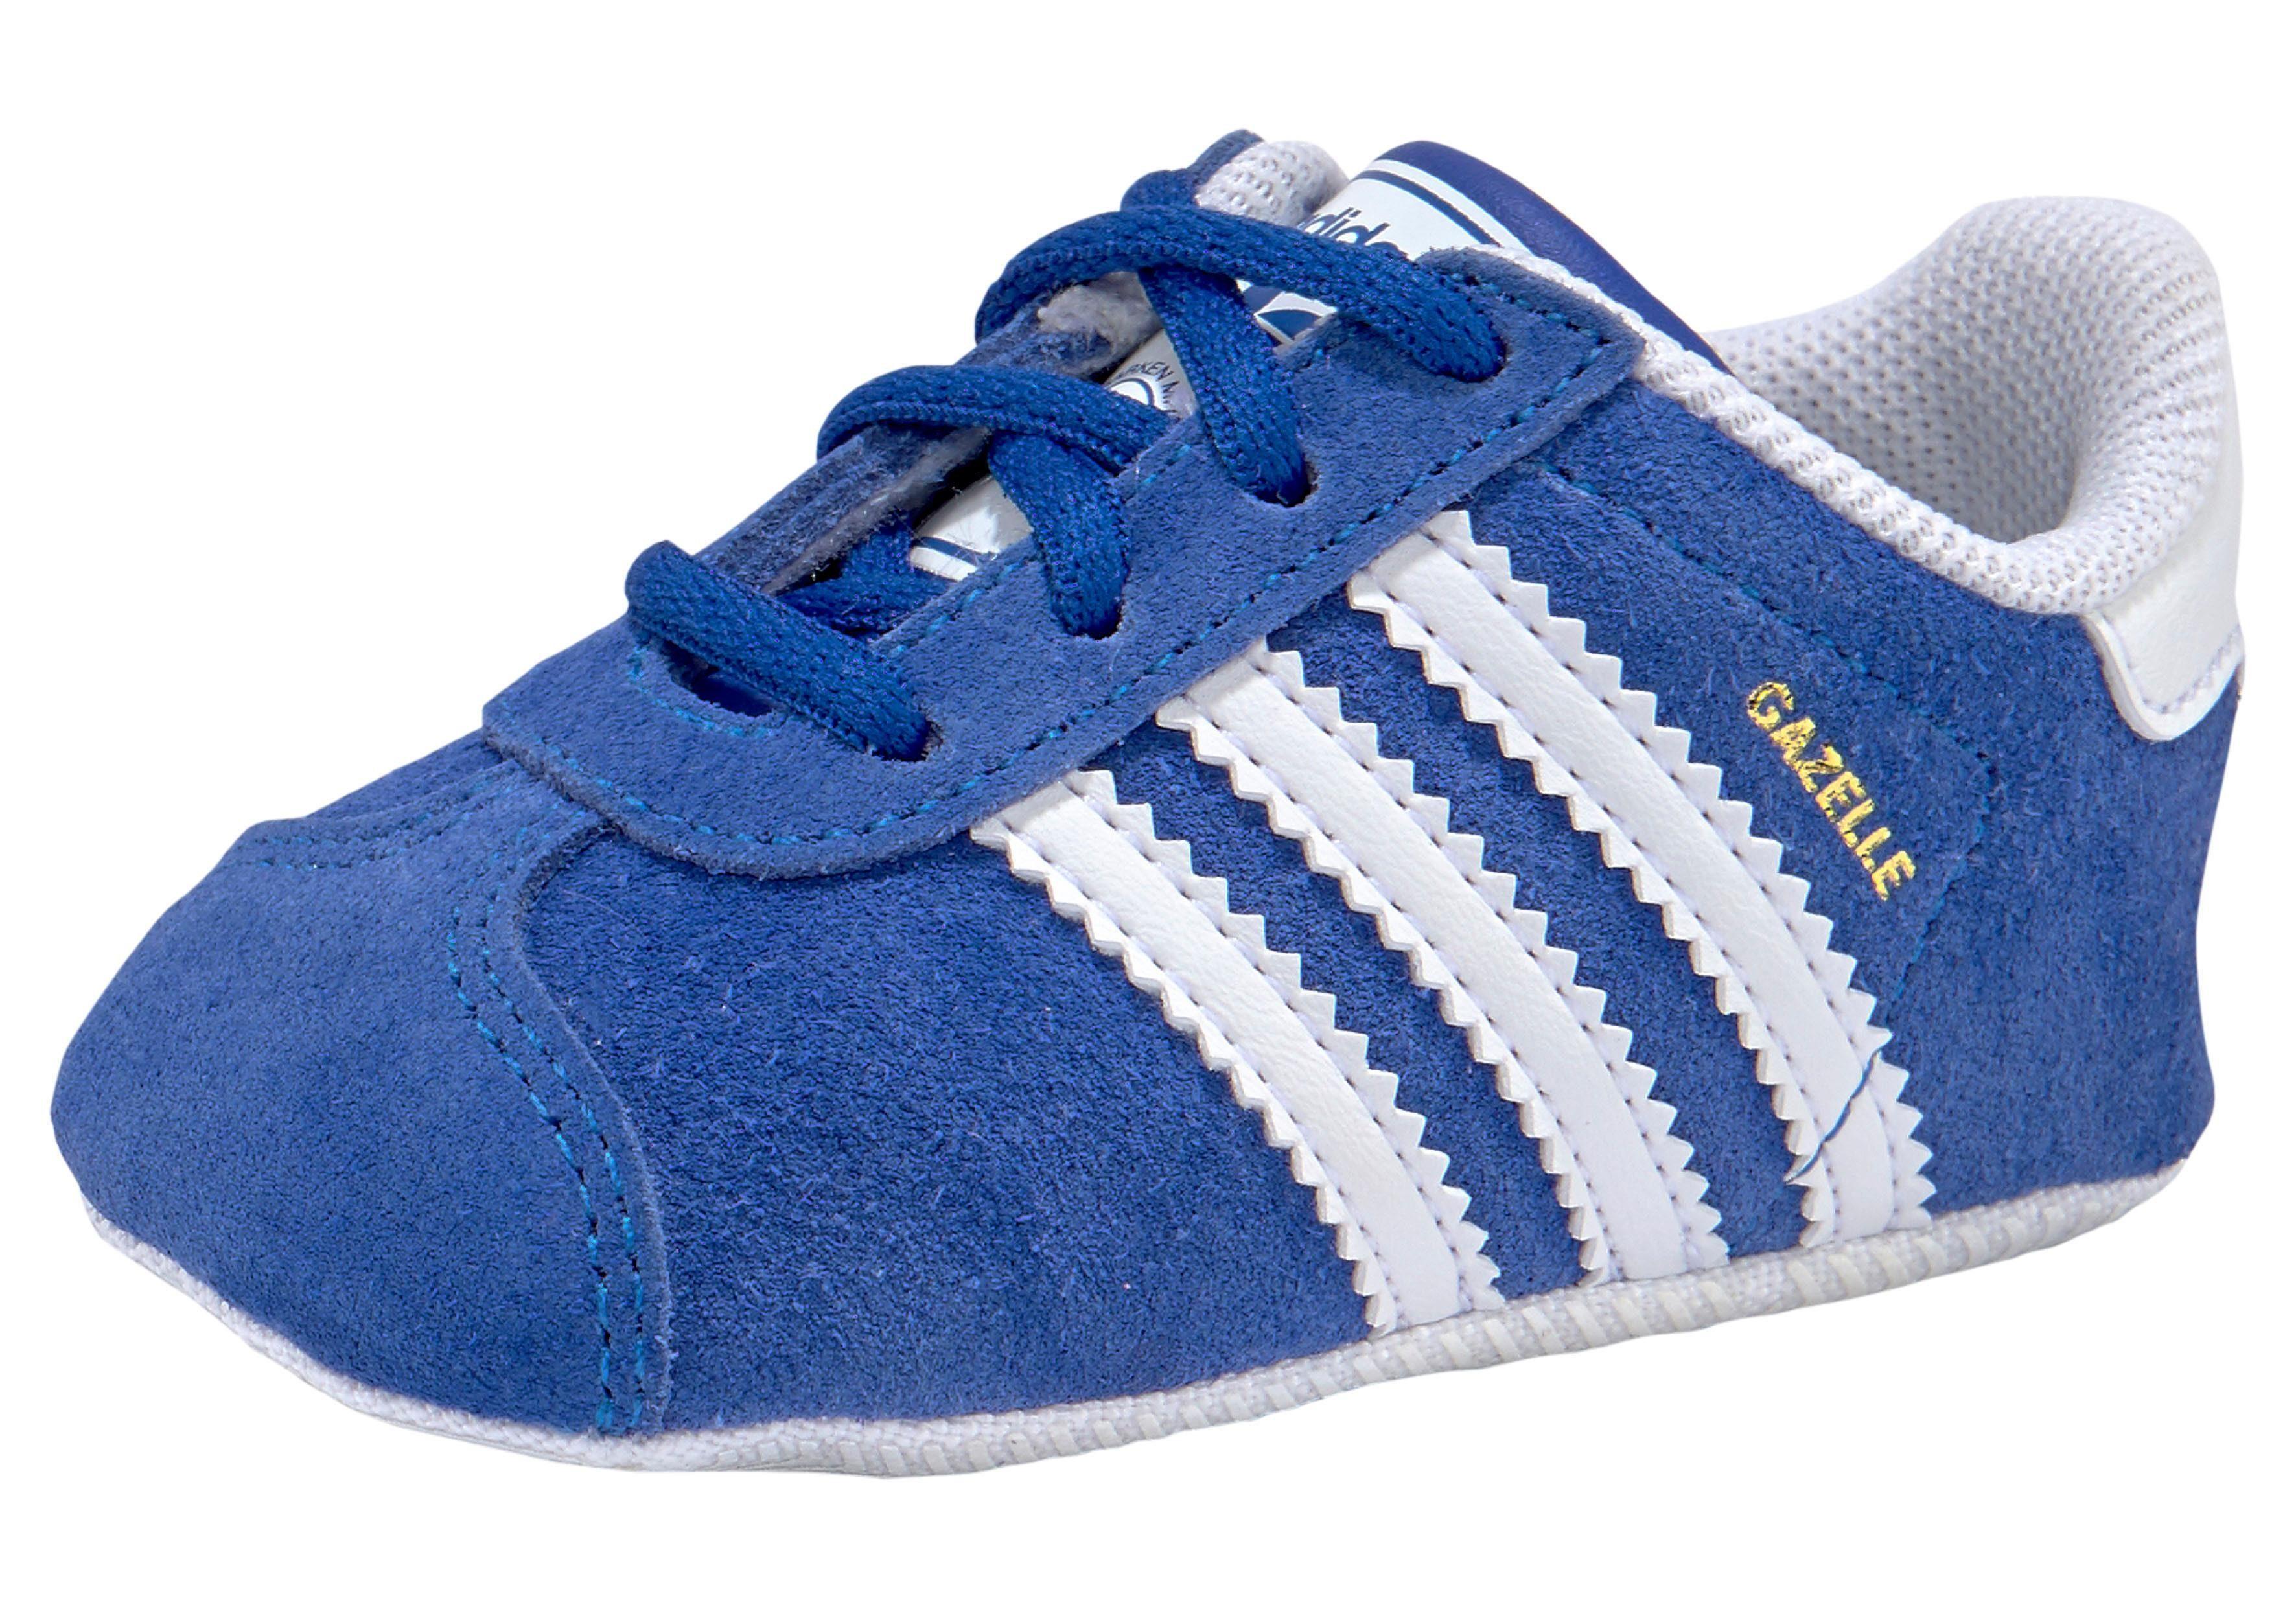 adidas Schuhe für Jungen aus Wildleder günstig kaufen | eBay